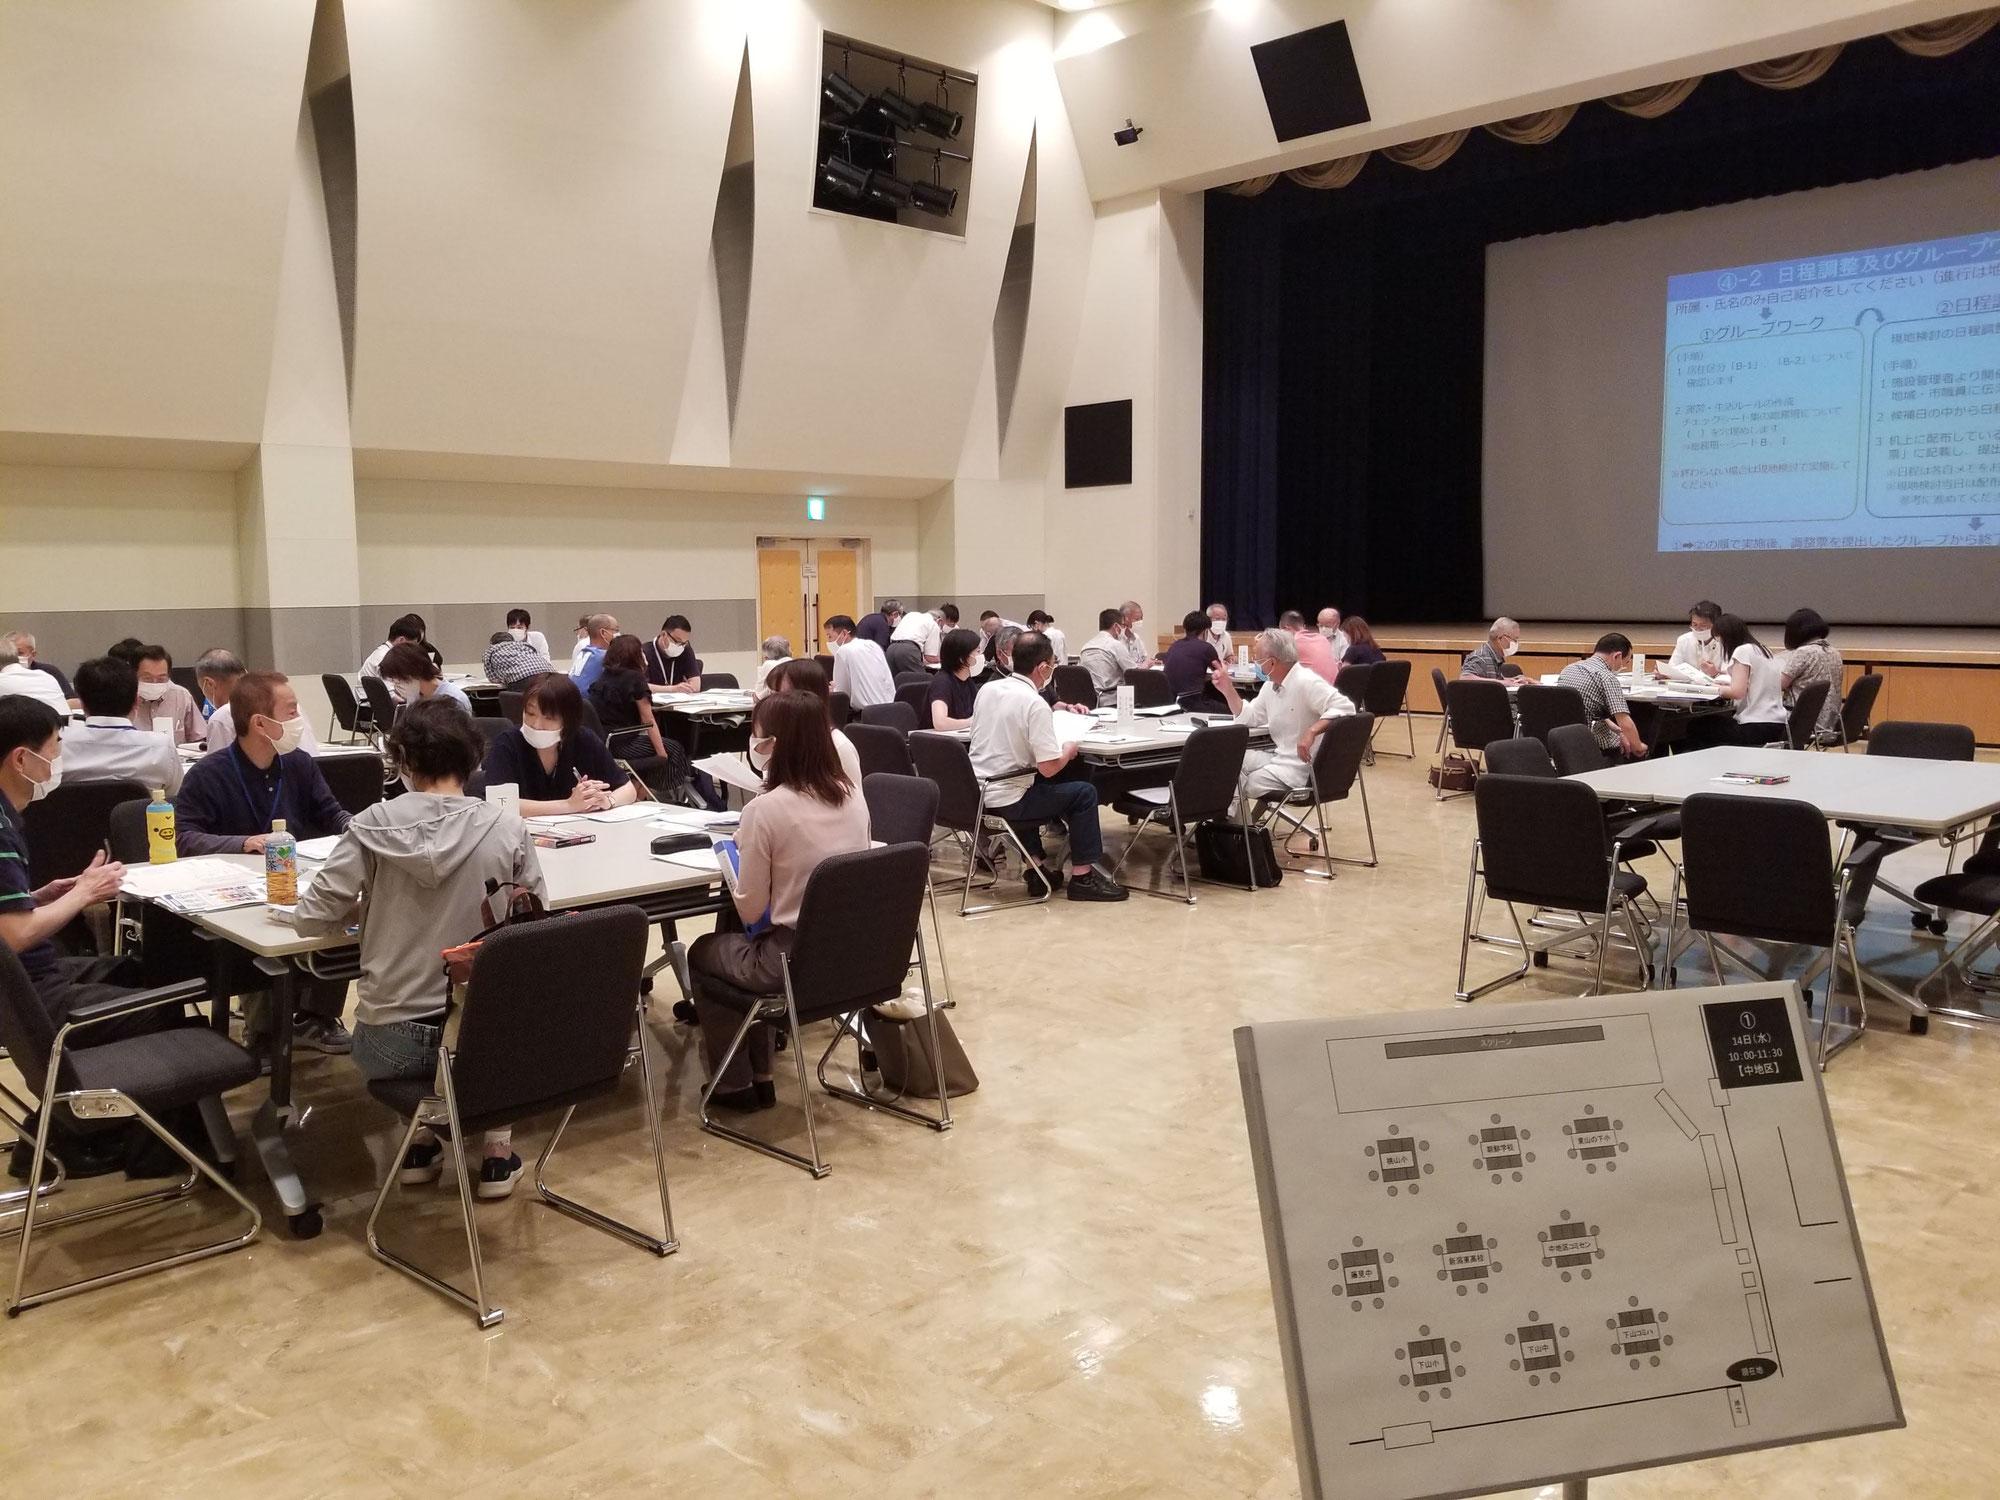 新潟市避難所運営体制連絡会を展開中